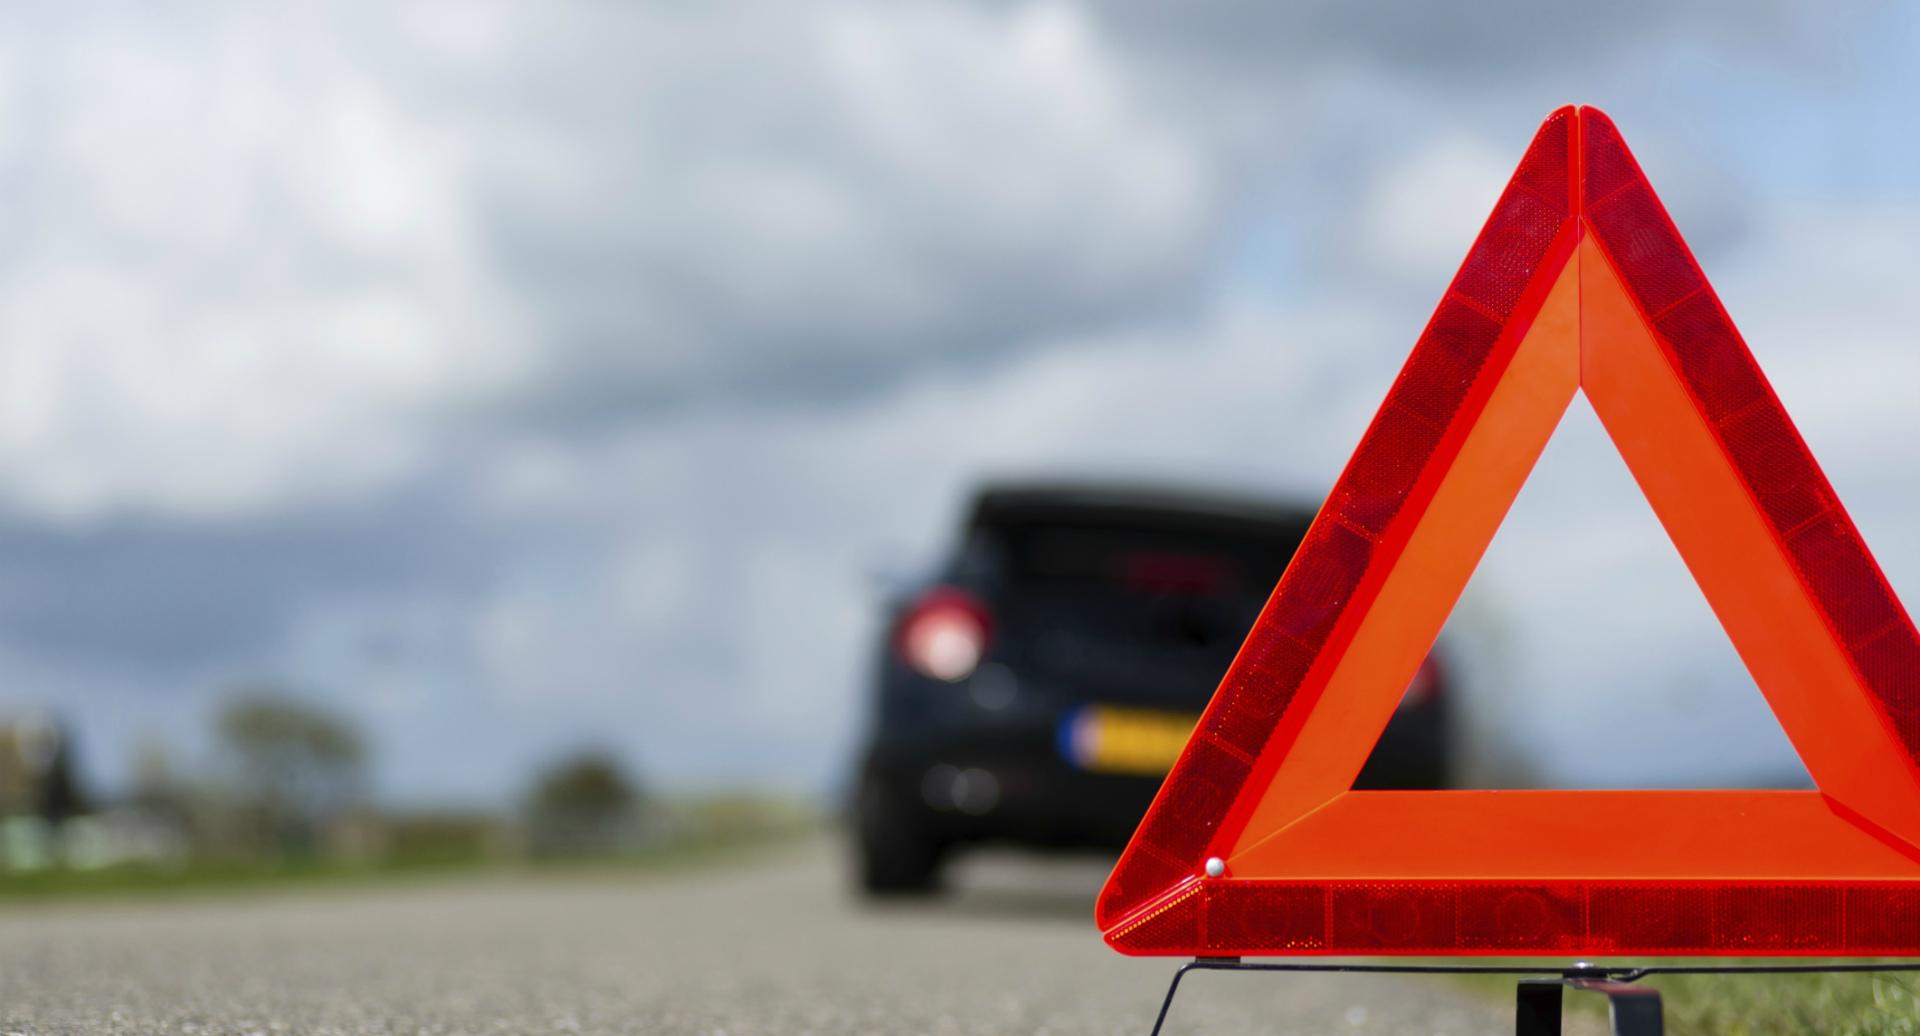 Оформление ДТП сотрудниками ГИБДД: правила и порядок оформлени, обязанности сотрудника ДПС при аварии, Помощь водителям в 2018 году